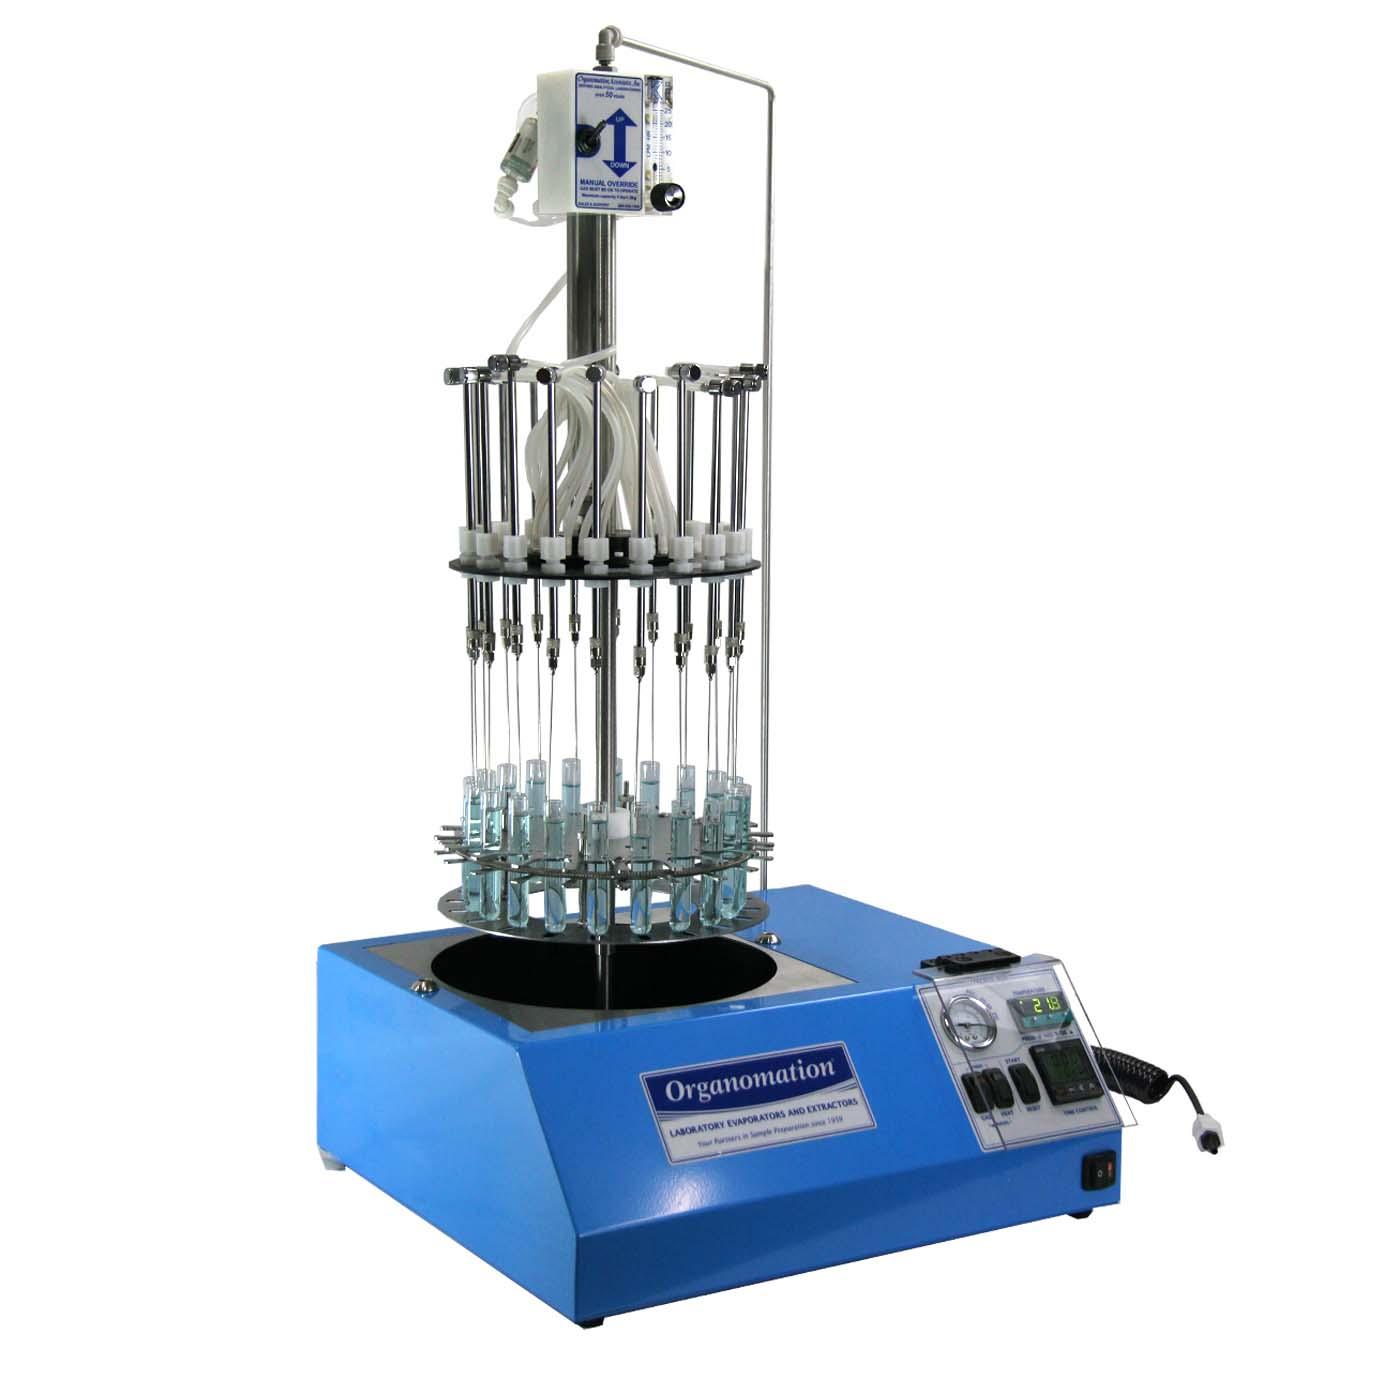 evapordor organomation